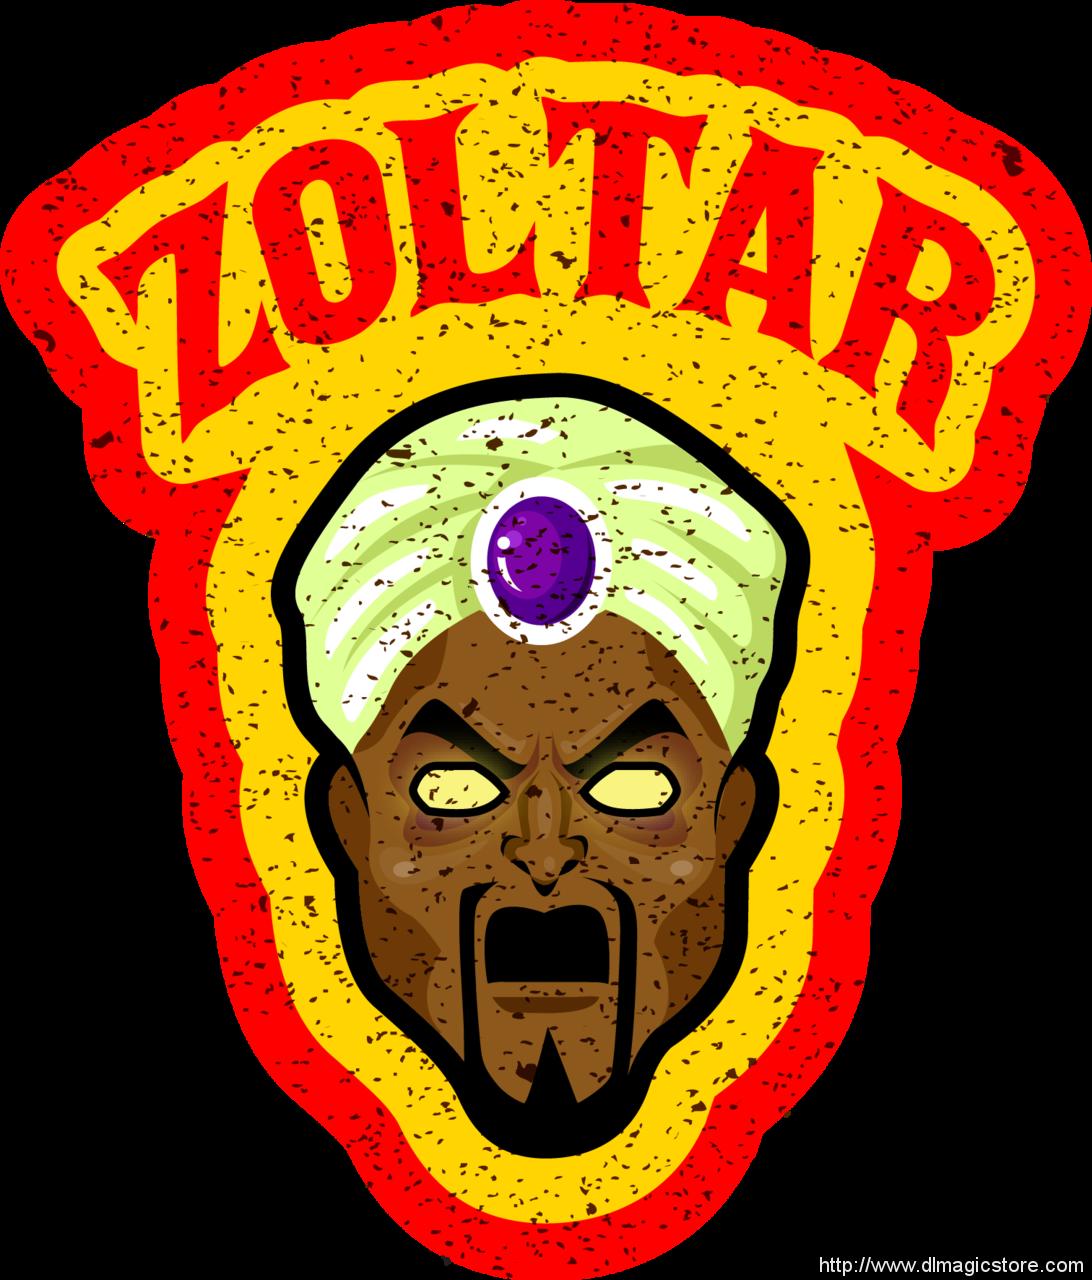 Automaton Zoltar by Luis Zavaleta (Instant Download)